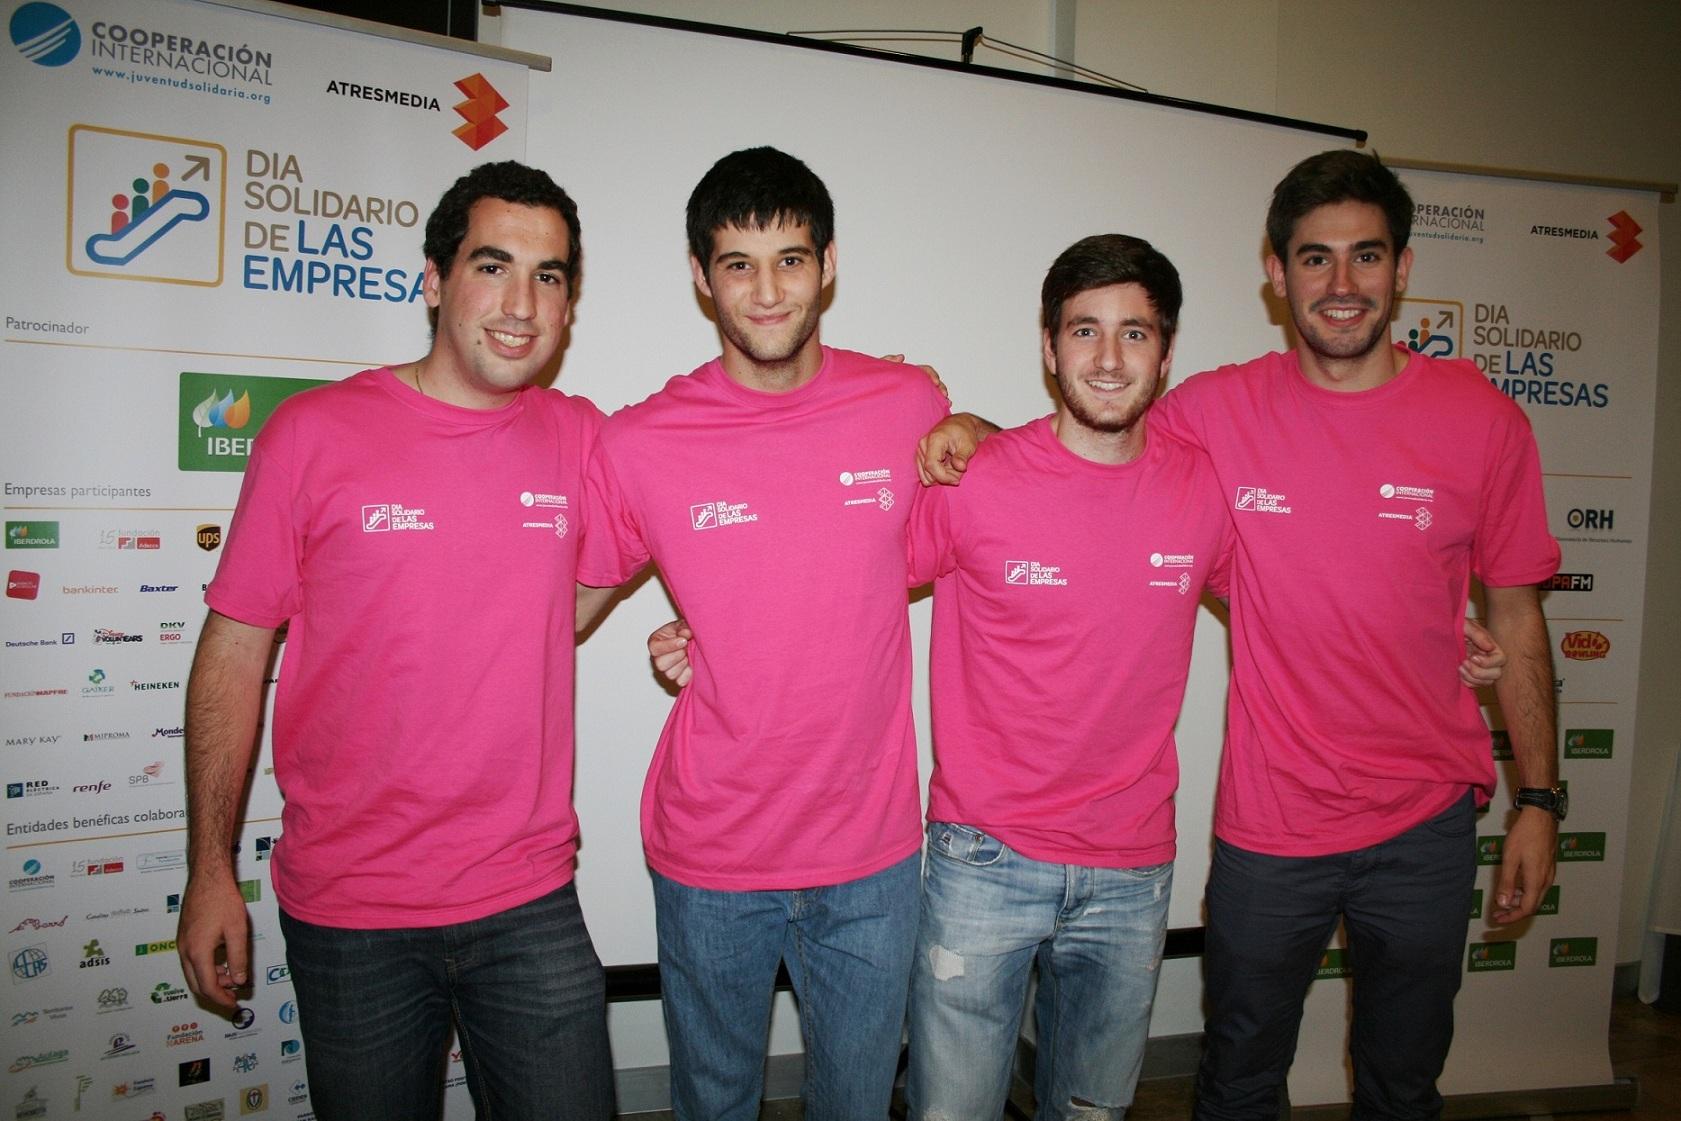 2014: El Colegio Mayor promueve diferentes iniciativas de voluntariado para estudiantes universitarios